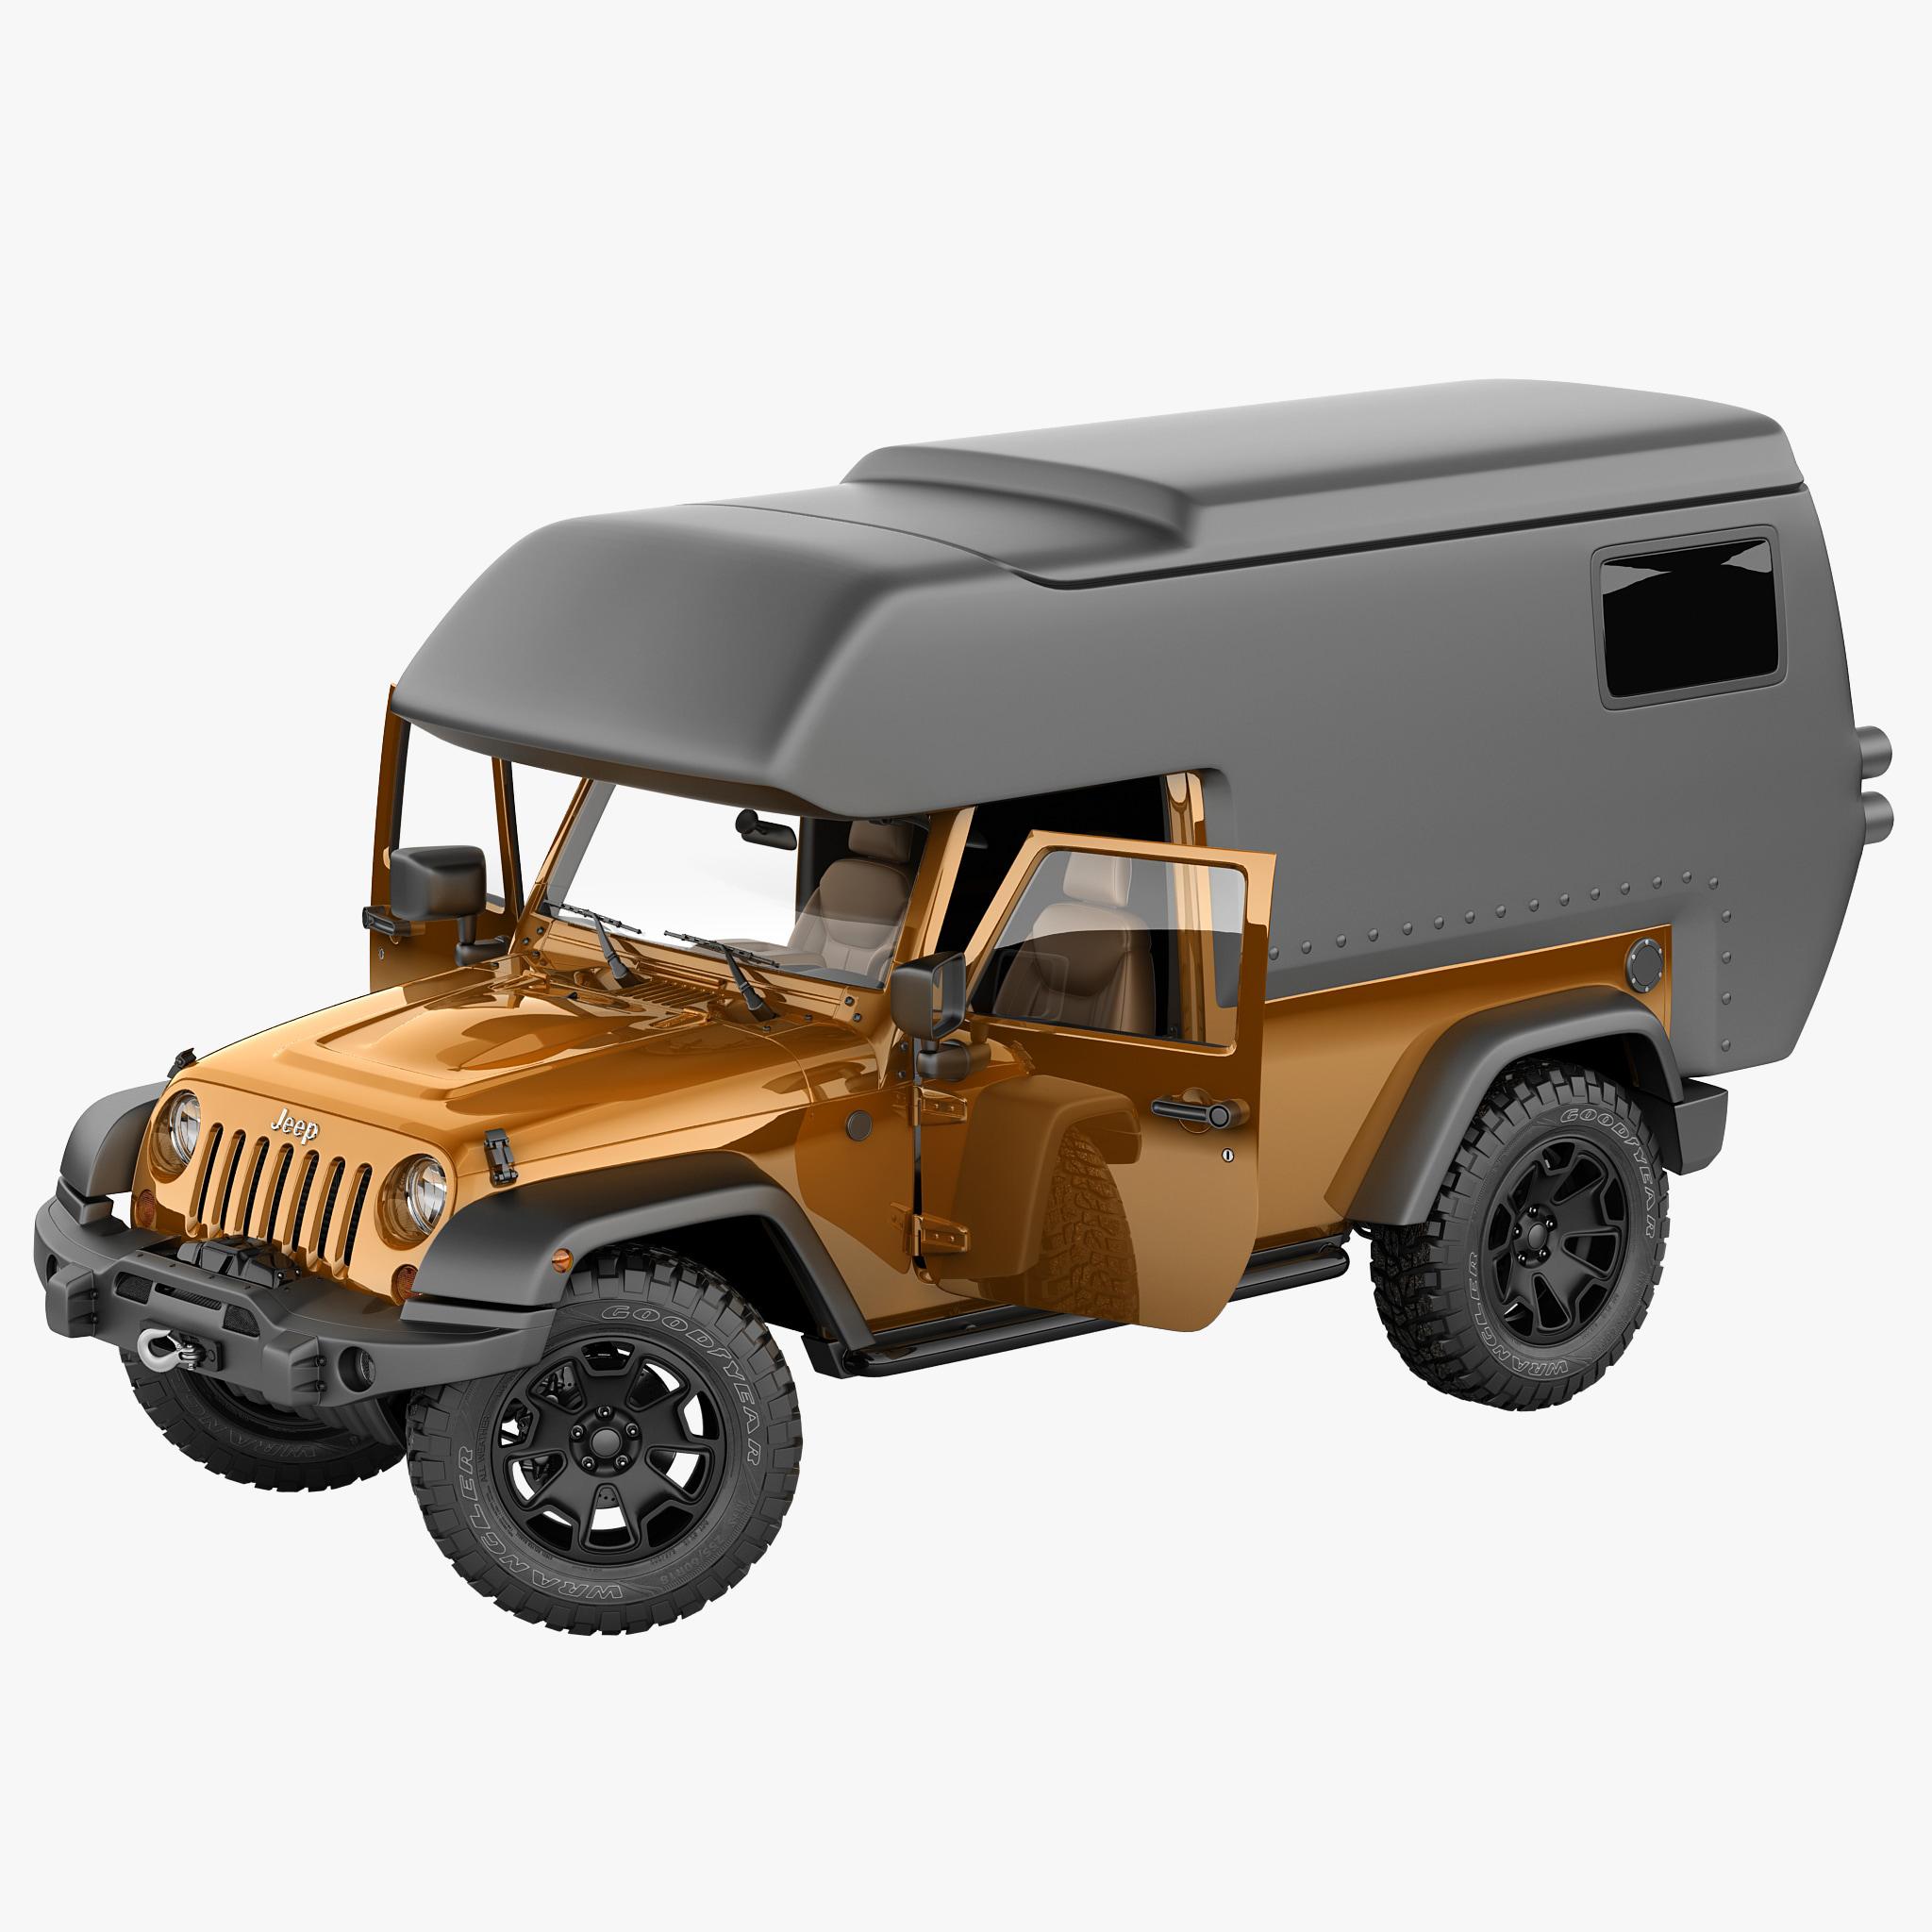 Bruiser Conversion Kit For Sale Autos Post